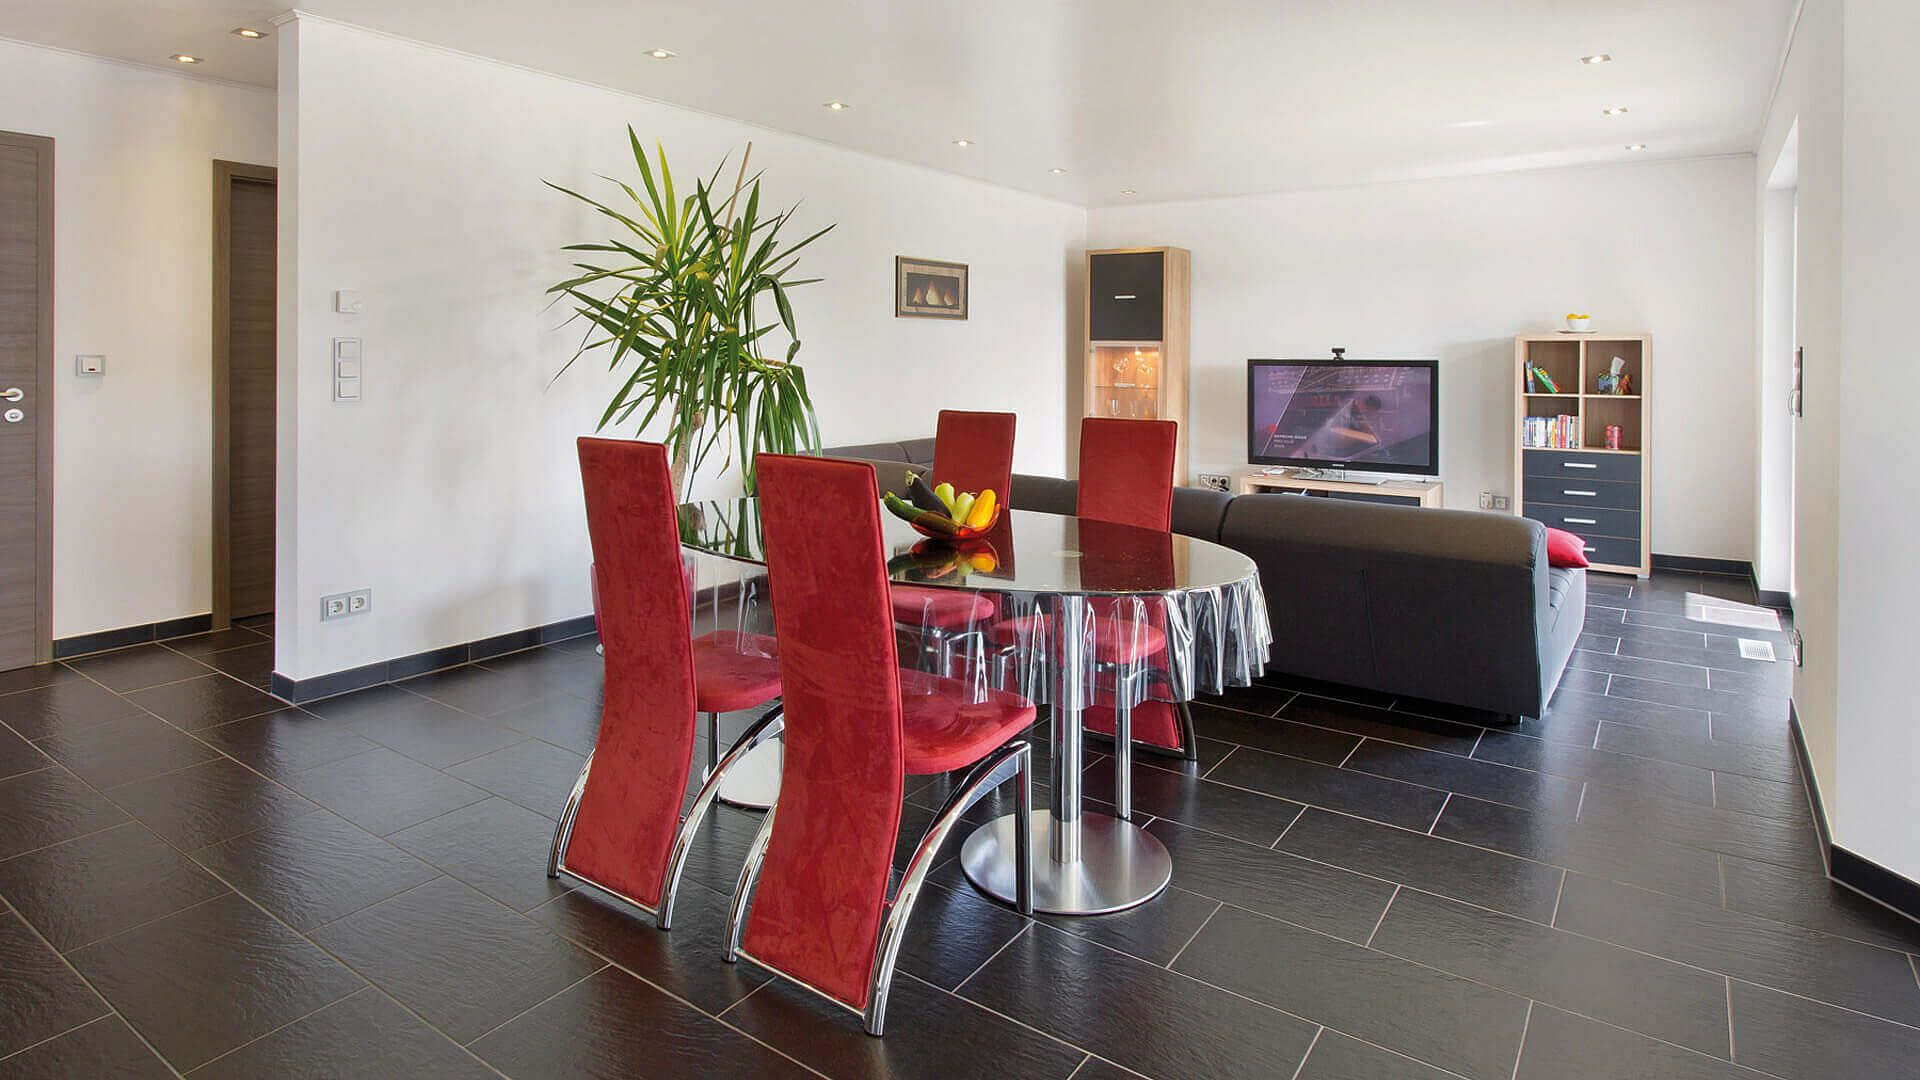 Esszimmer Schwarze Bodenfliesen Rote Stuhle Glastisch Haus Pinterest